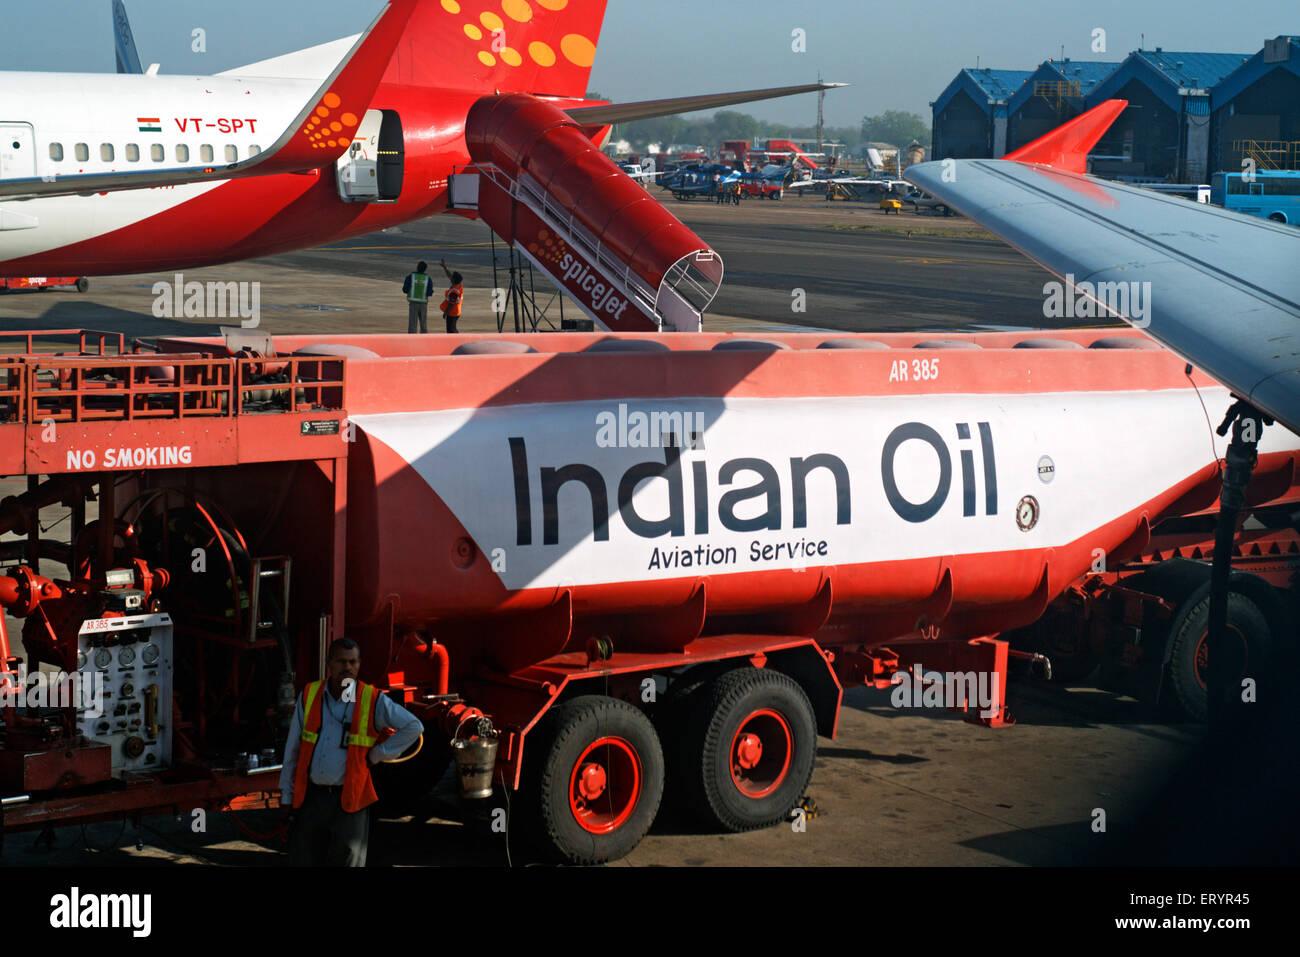 Indiens du camion-citerne de carburant aviation avion de ravitaillement en carburant à l'aéroport Photo Stock